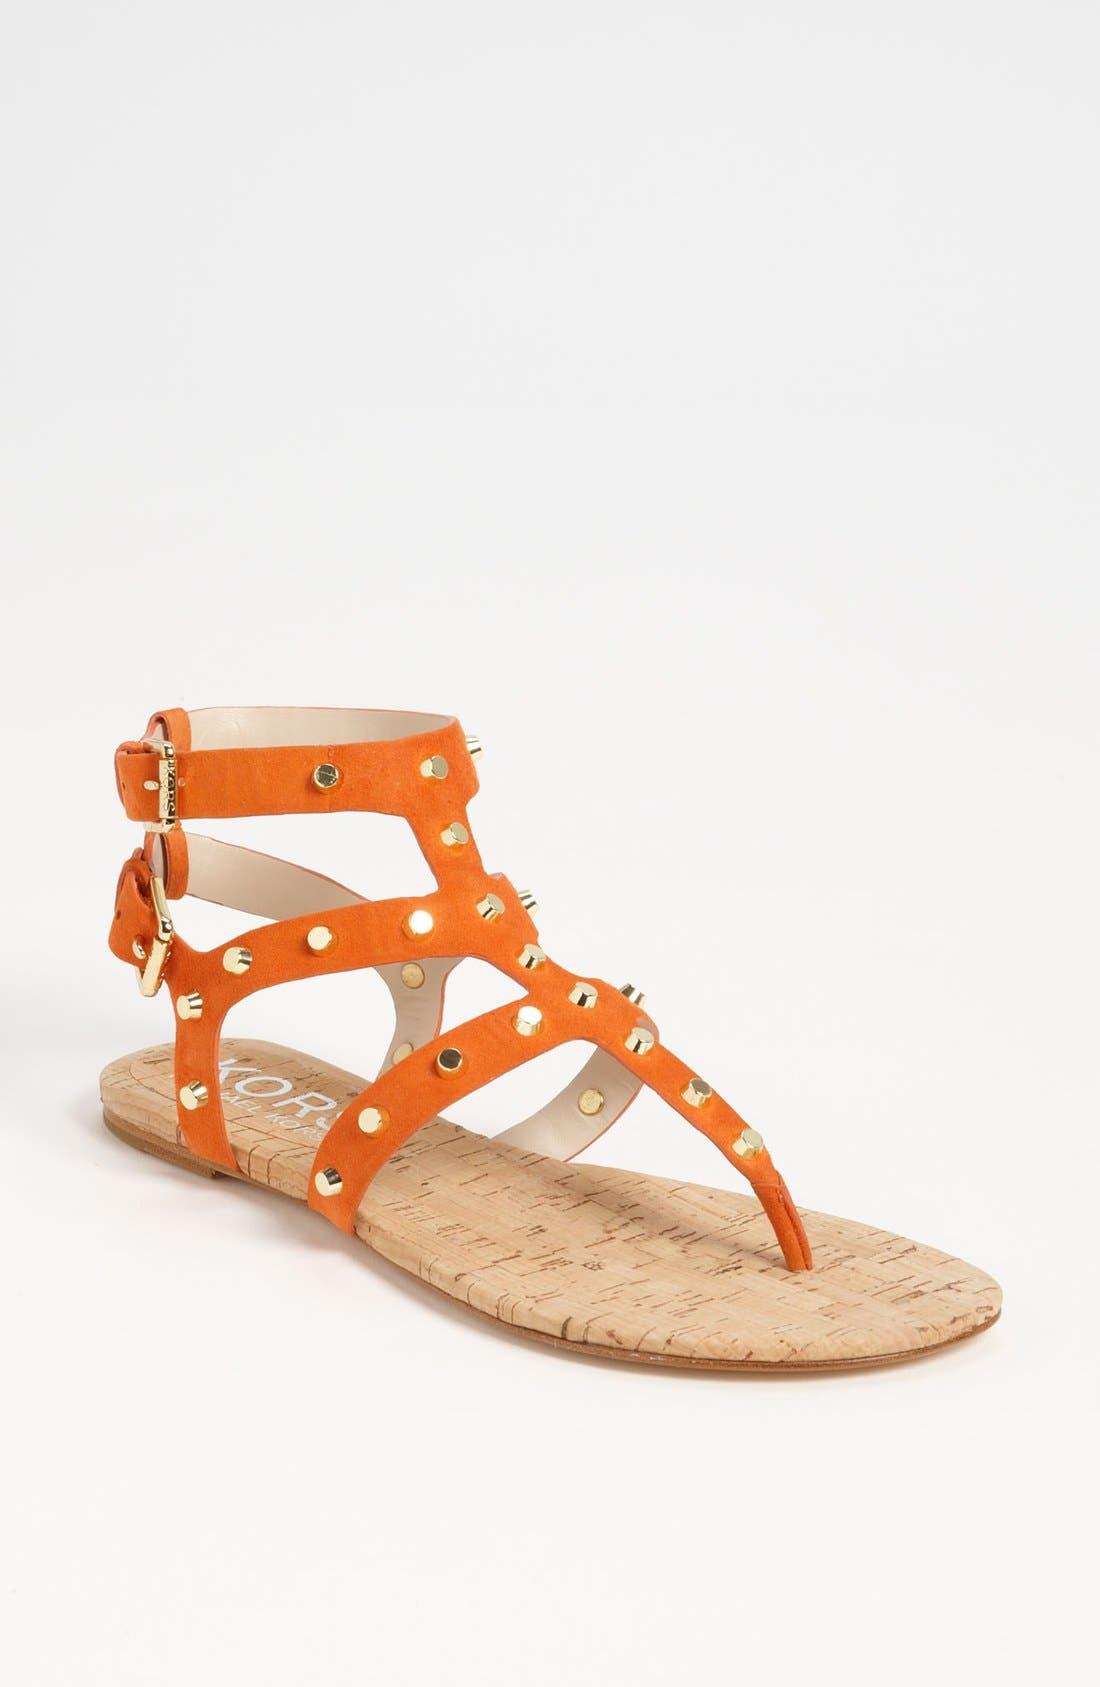 Main Image - KORS Michael Kors 'Jordyn' Sandal